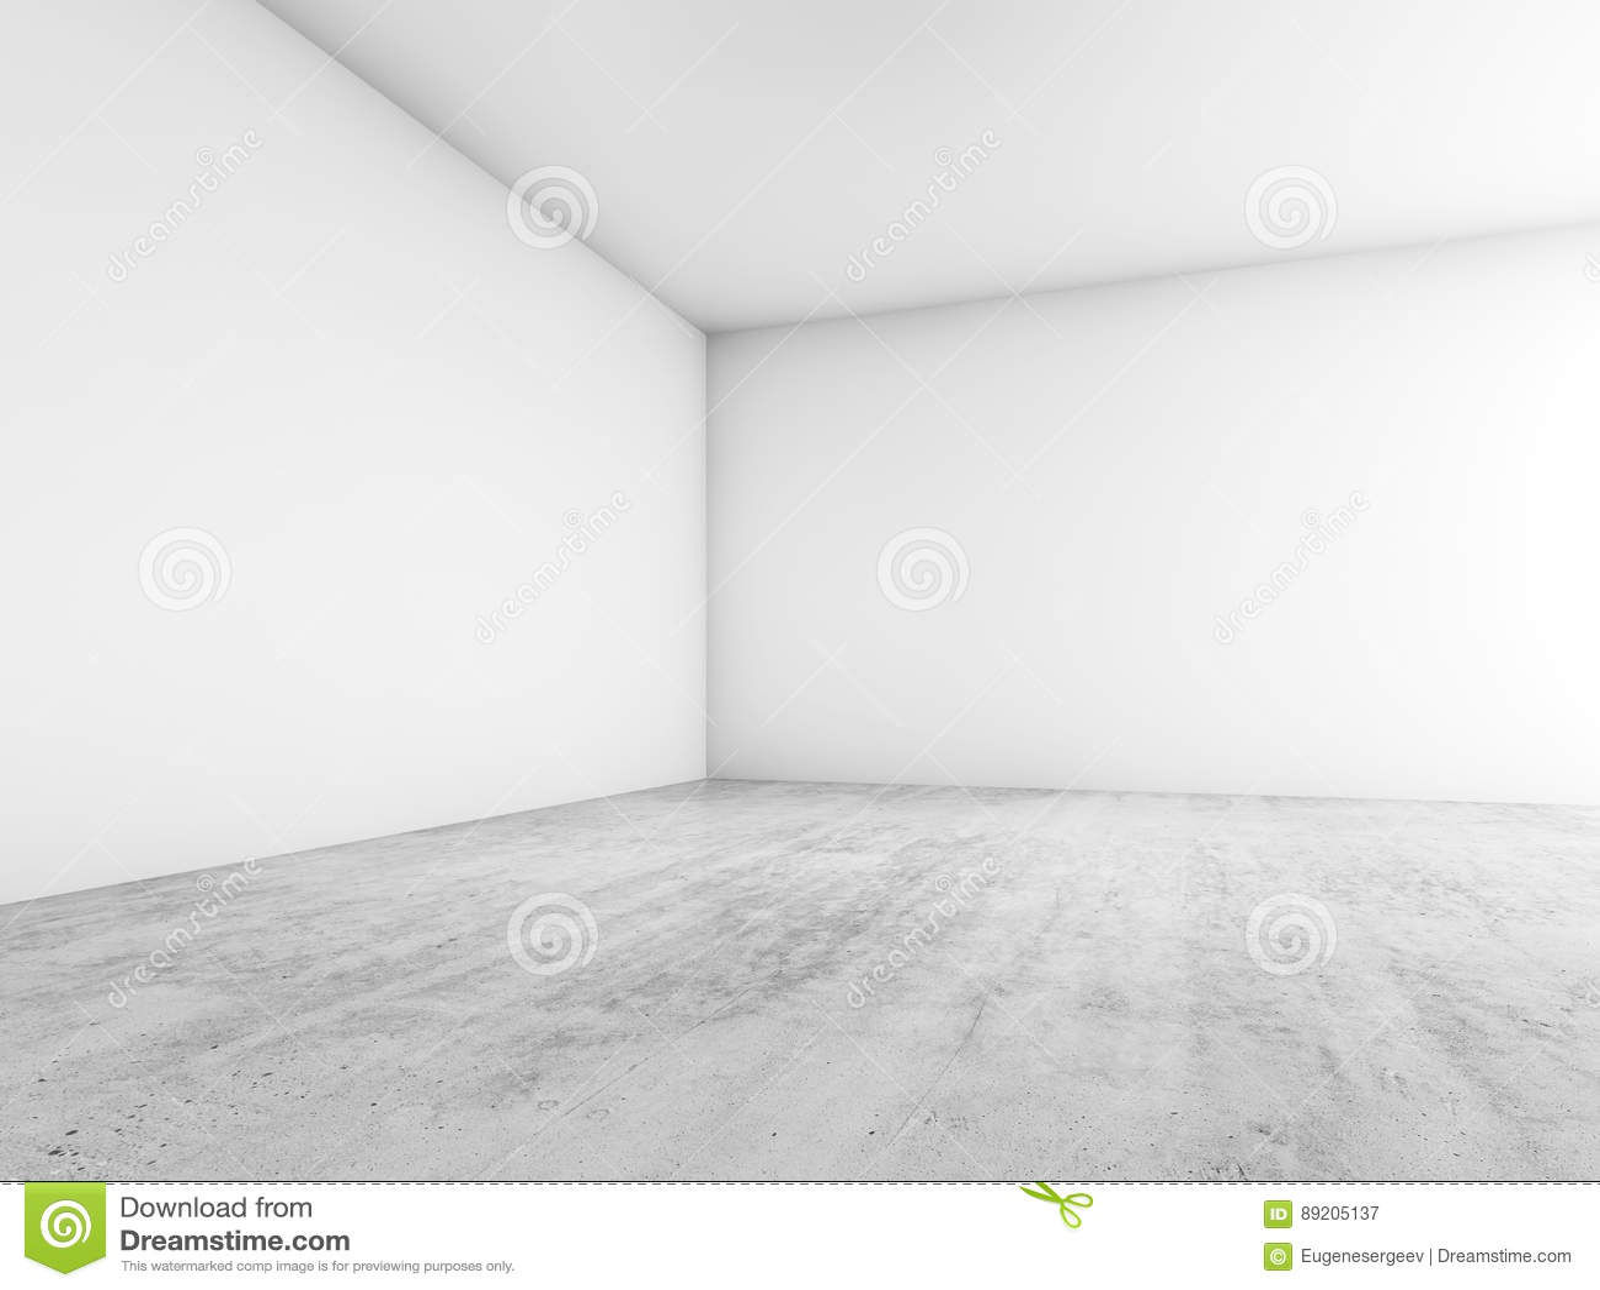 抽象空的内部,空白的白色墙壁的角落